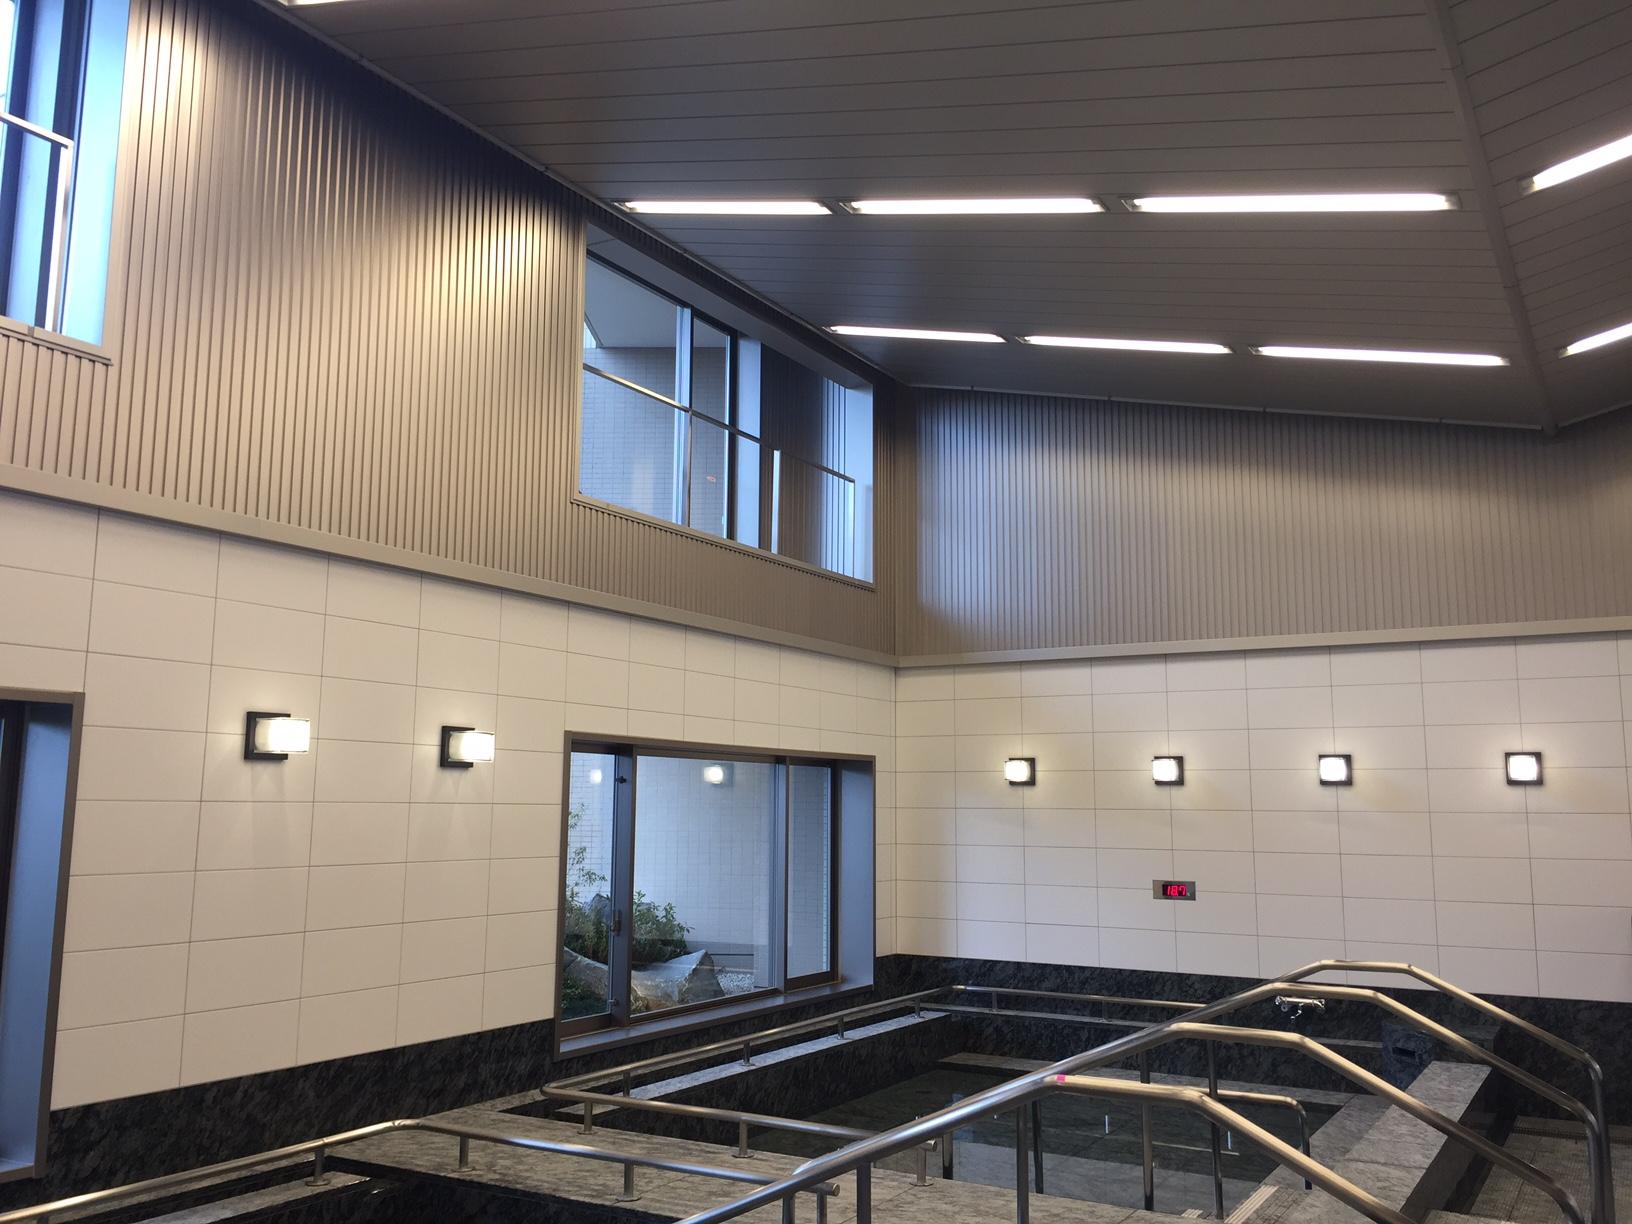 サンシティー立川昭和記念公園 天井照明パネル(4方) 天井・壁パネル・結露受け7